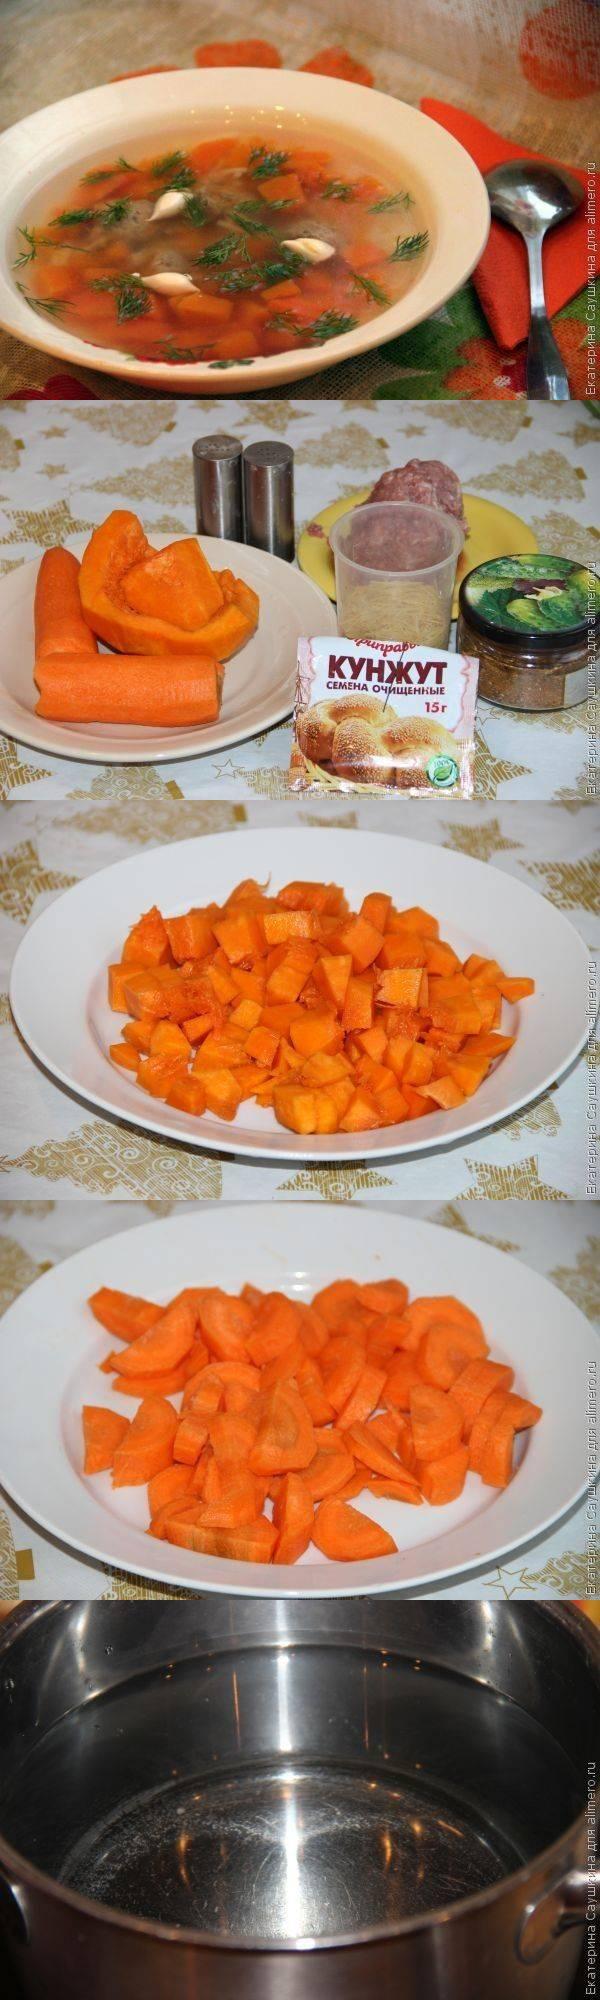 Суп с тыквой, морковью и фрикадельками